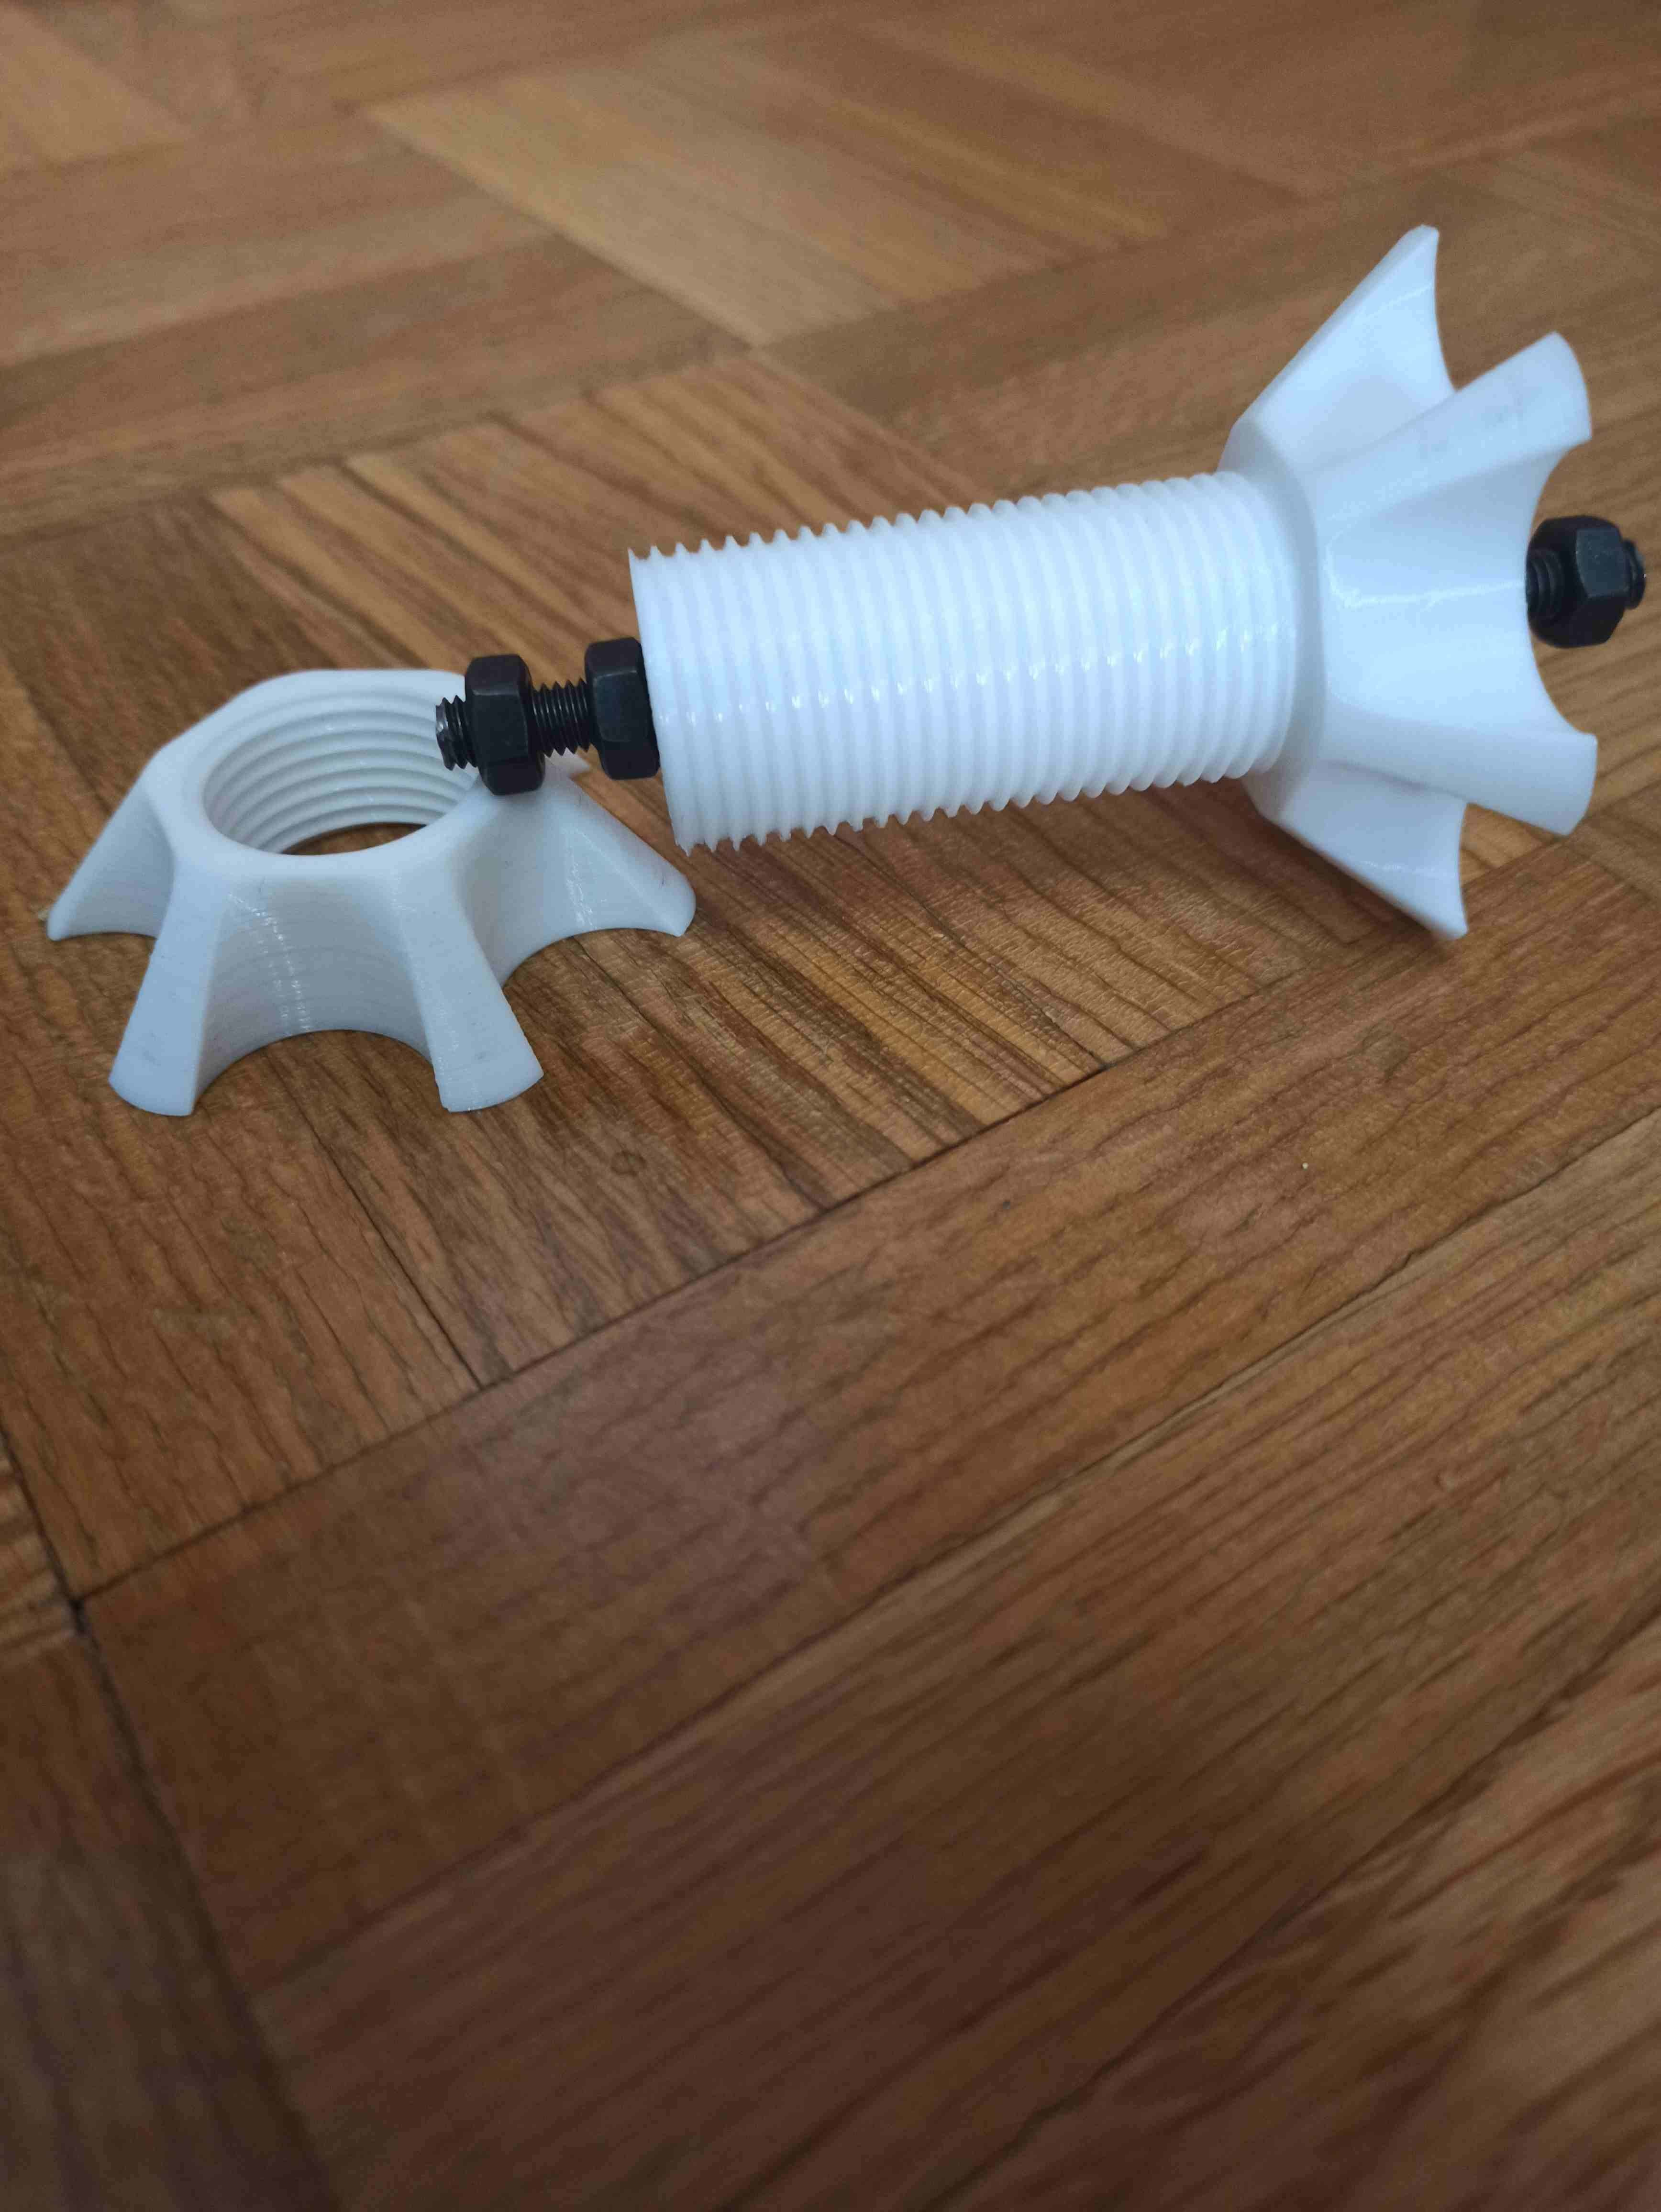 image-6-compressed.jpg Télécharger fichier STL gratuit Soporte rollos filamento / Porte-bobine • Plan à imprimer en 3D, adrihernan107